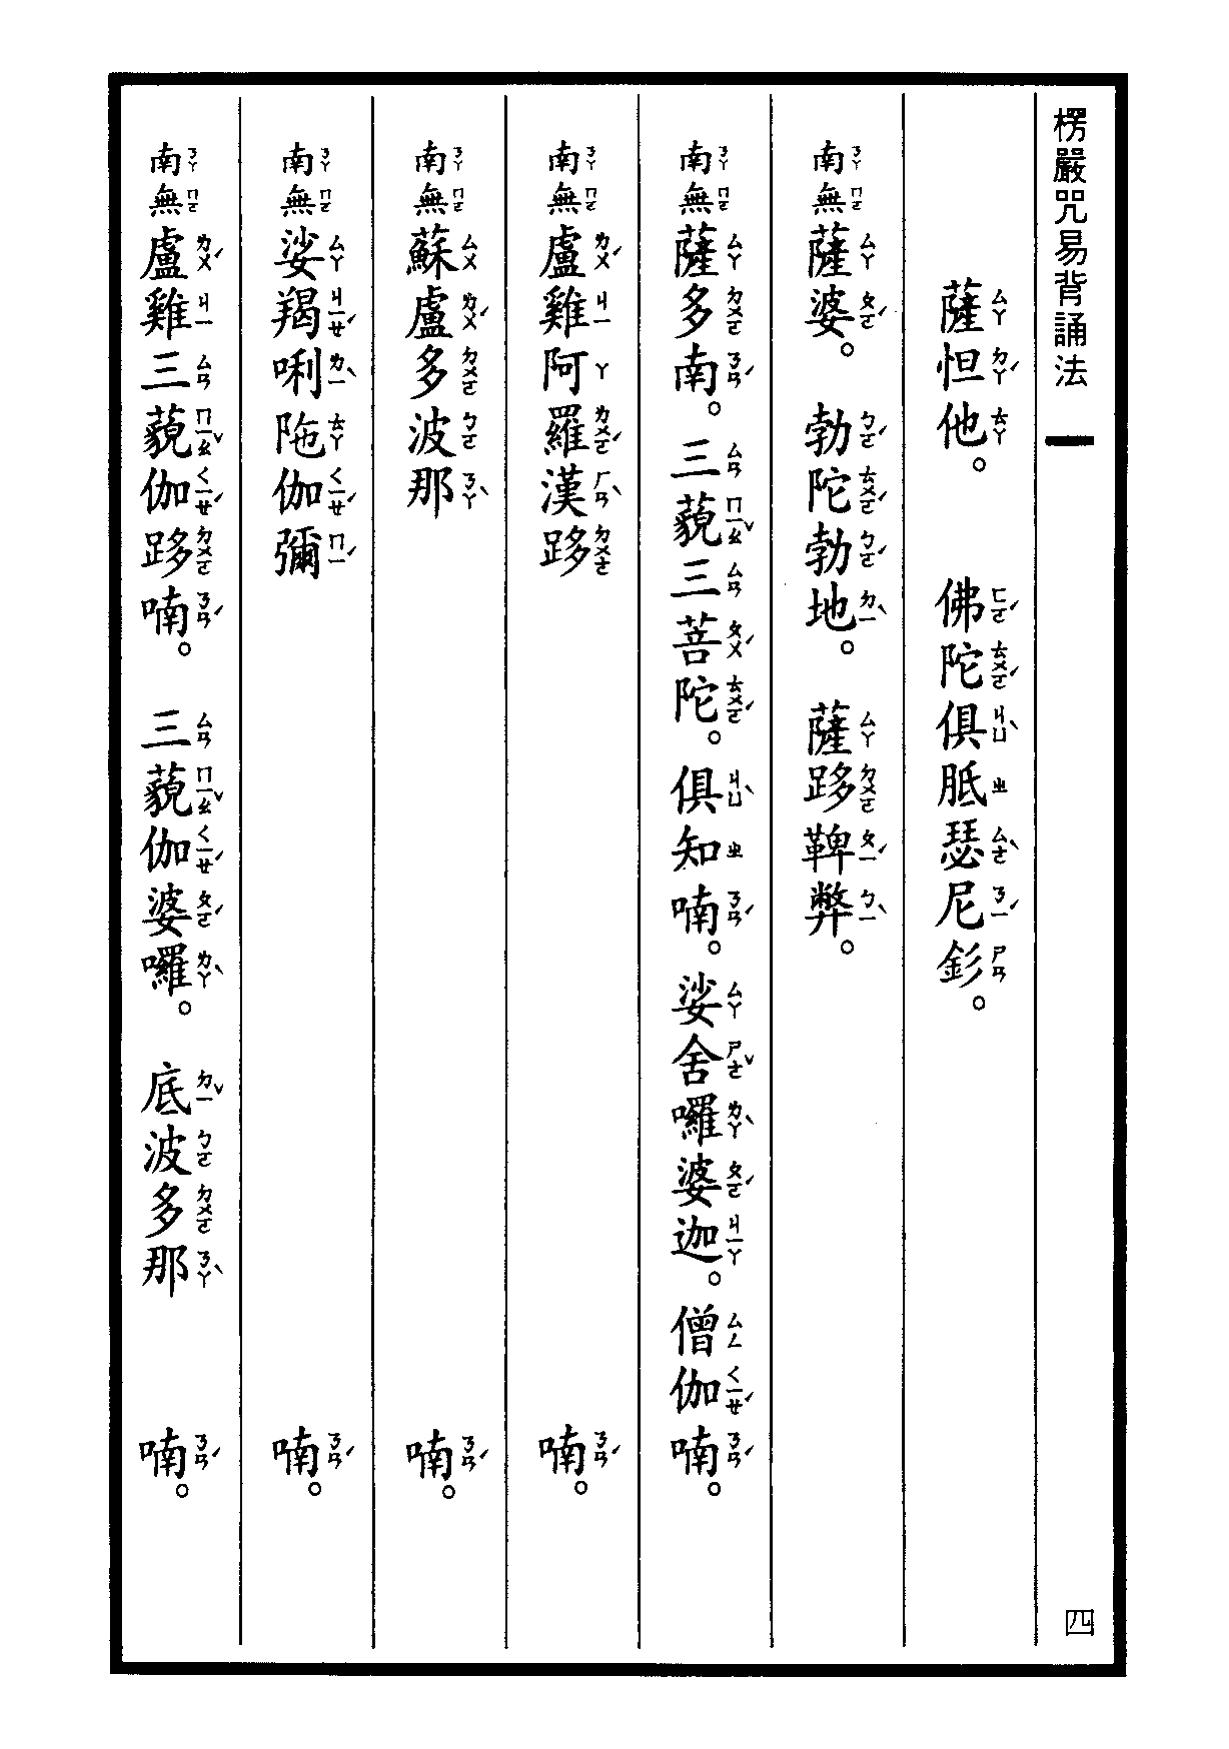 楞嚴咒-大悲咒-十小咒-易背本 10.png